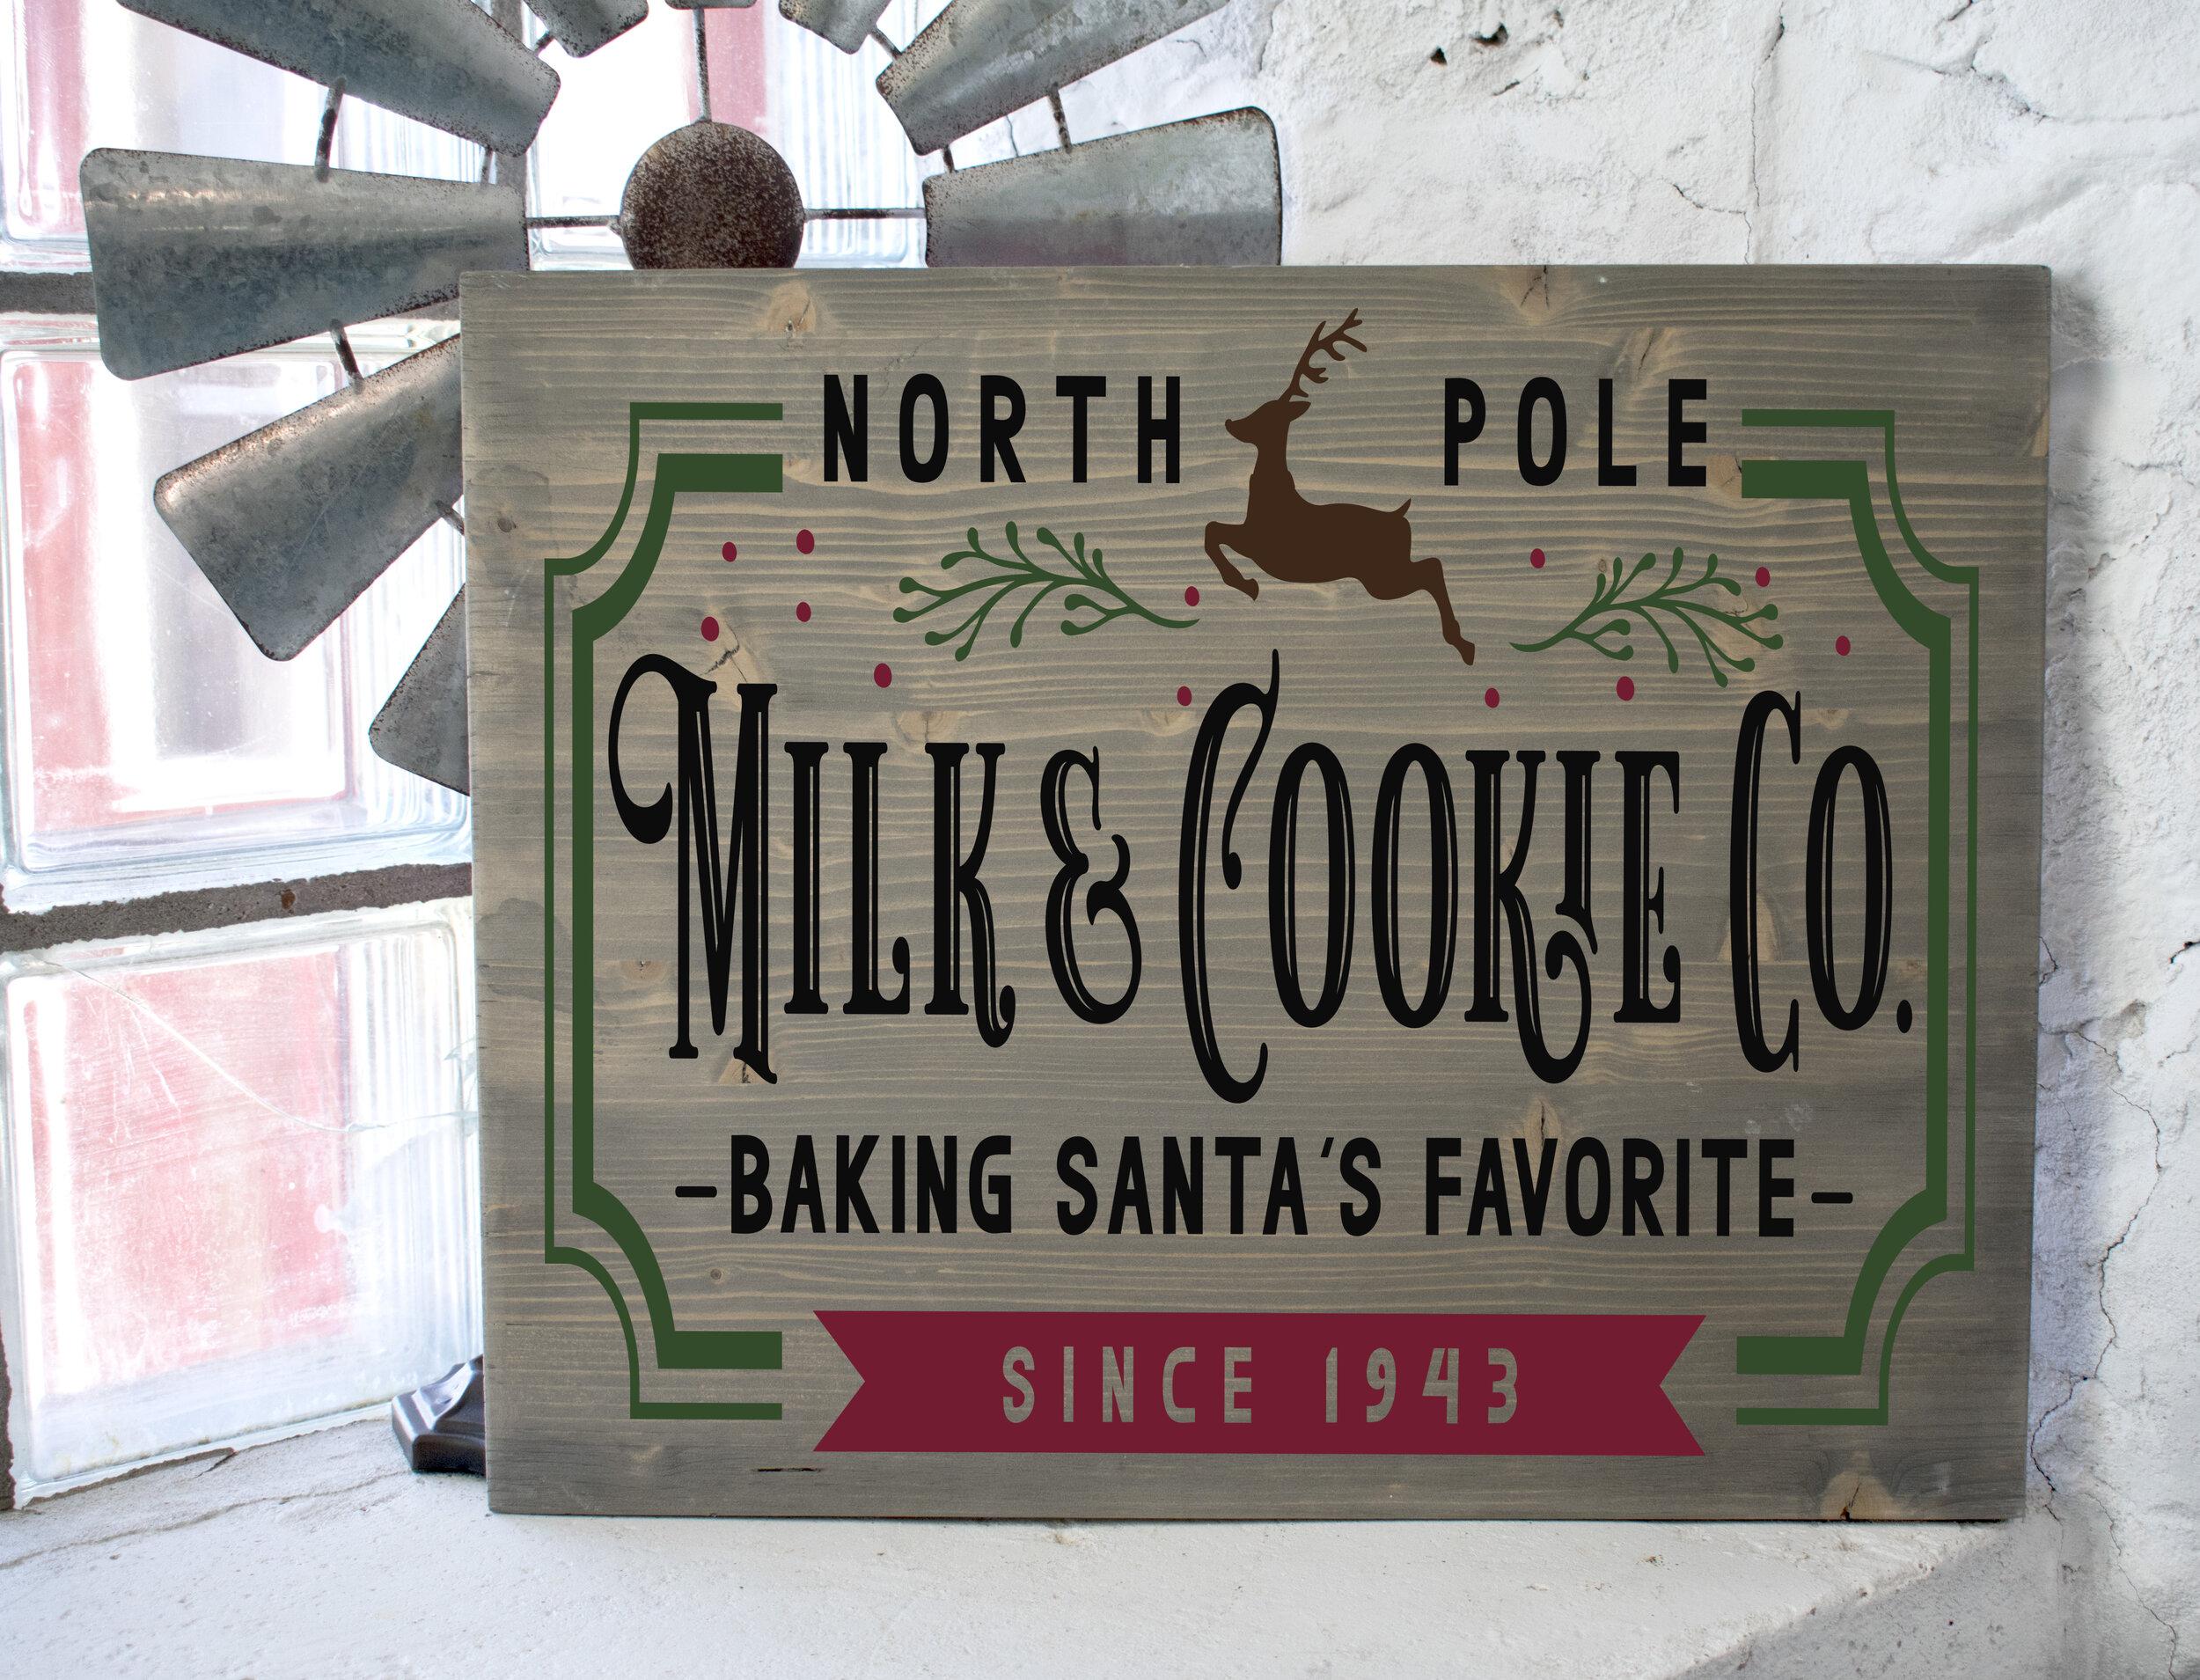 milkcookieco.jpg